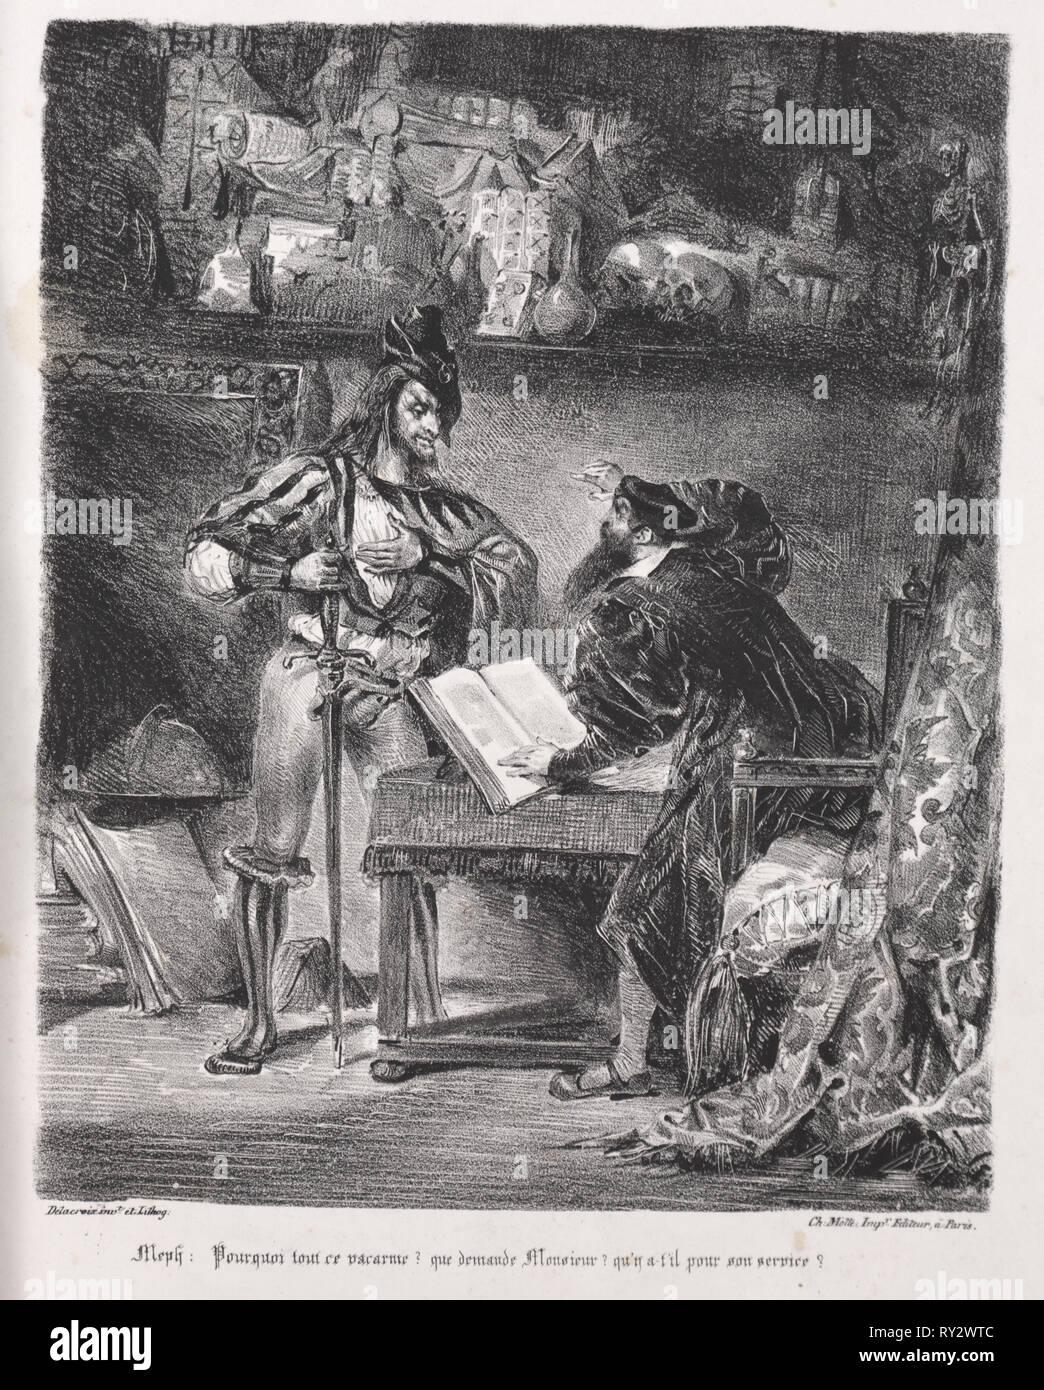 Faust: Tragédie de M. de Goethe, translated into French by Albert Stapfer.: Illustrations for Faust:  Méphistophélés visits Faust, 1828. Eugène Delacroix (French, 1798-1863), Chez Ch. Motte, Éditeur, distributed by Chez Sautelet, Libraire. Lithograph - Stock Image